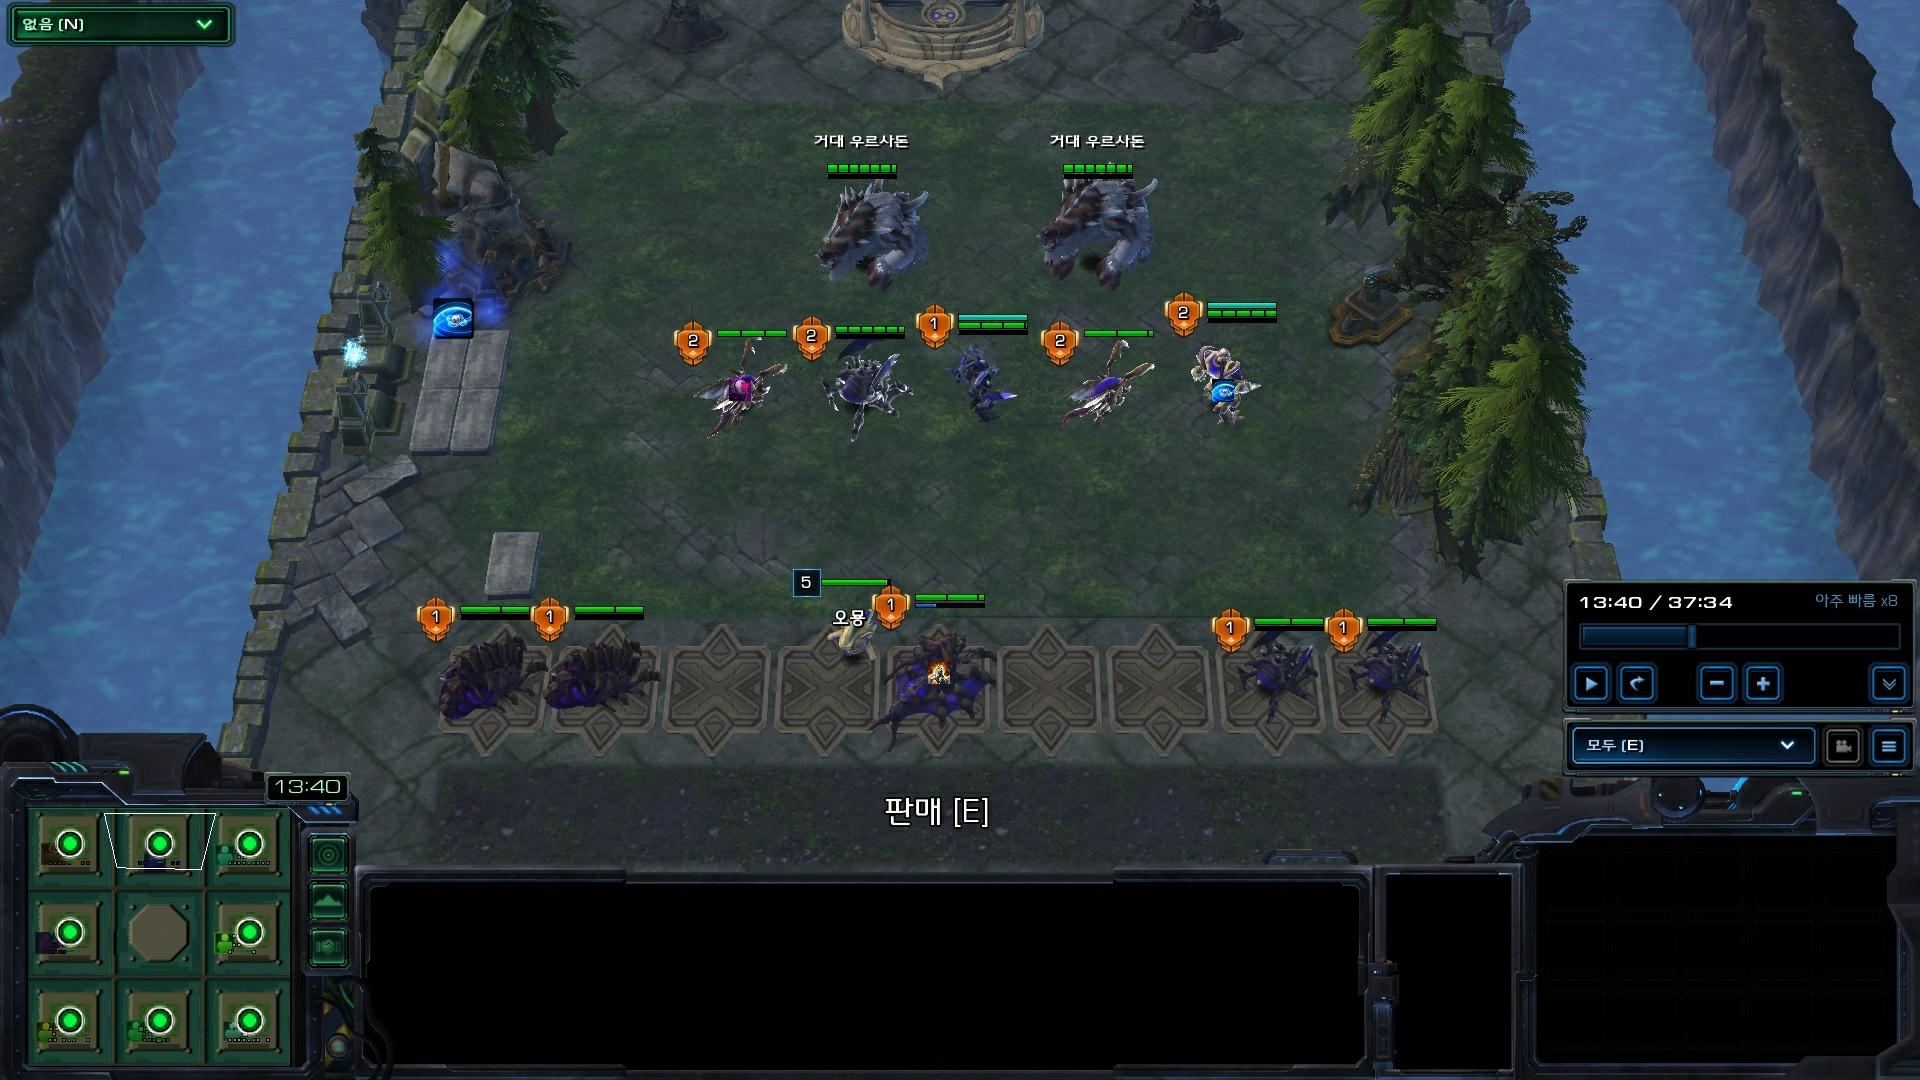 Screenshot2019-09-11 16_40_27.jpg